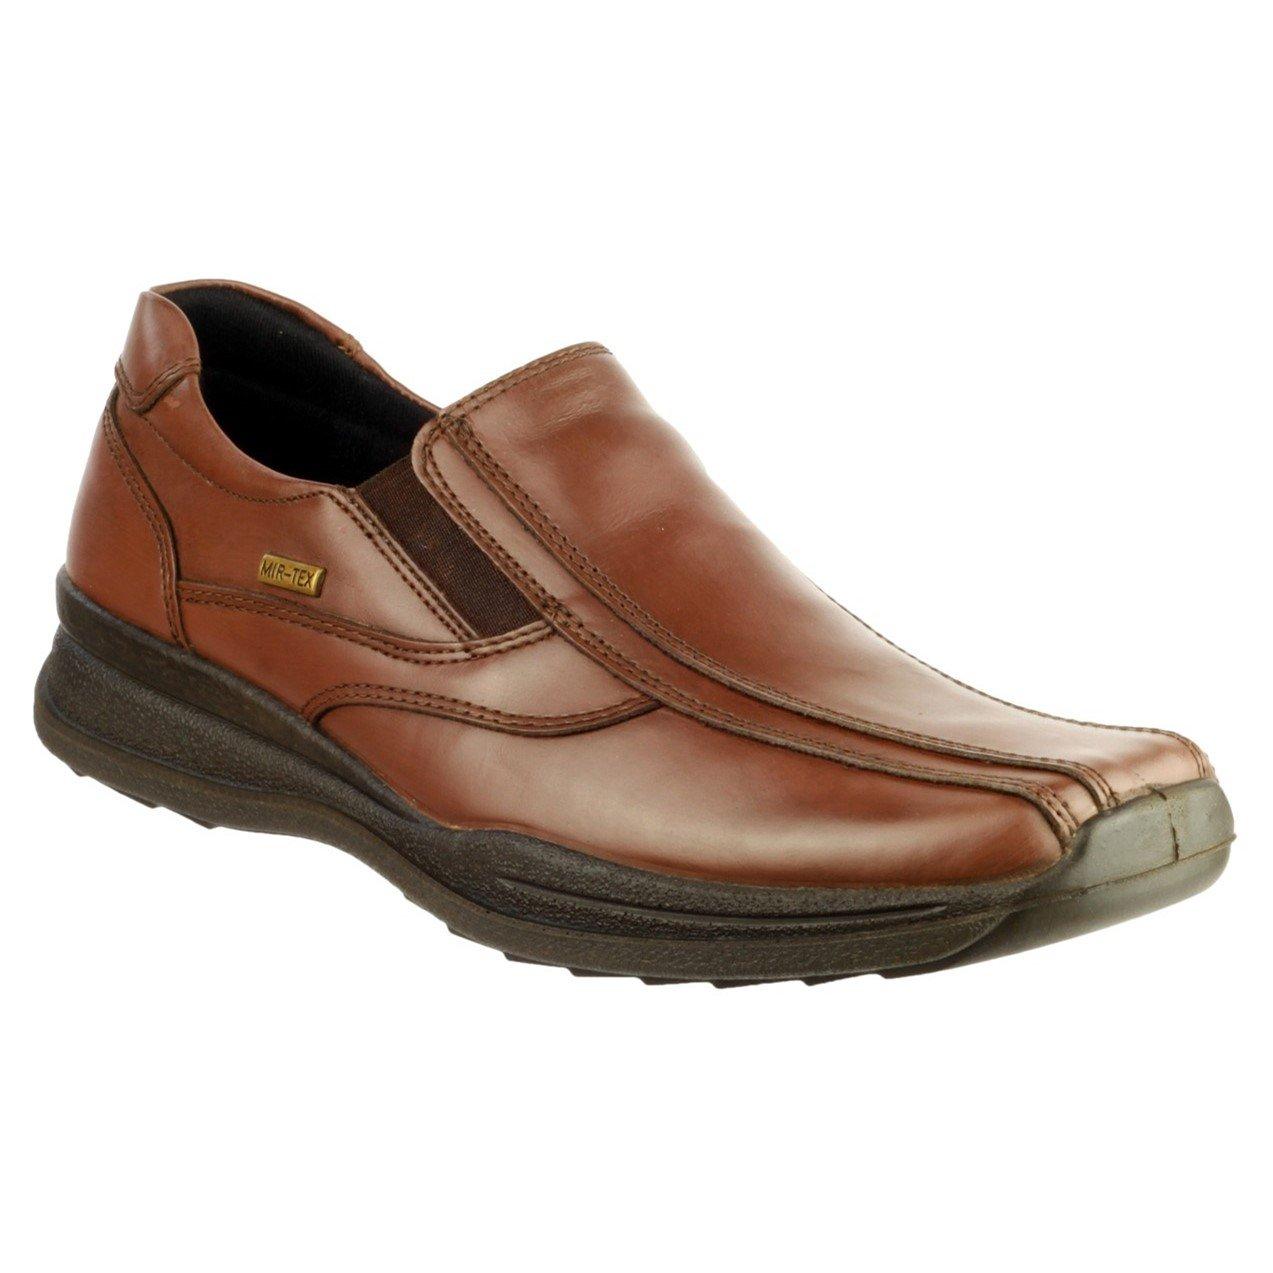 Cotswold Men's Naunton 2 Casual Shoe Various Colours 32969 - Brown 8